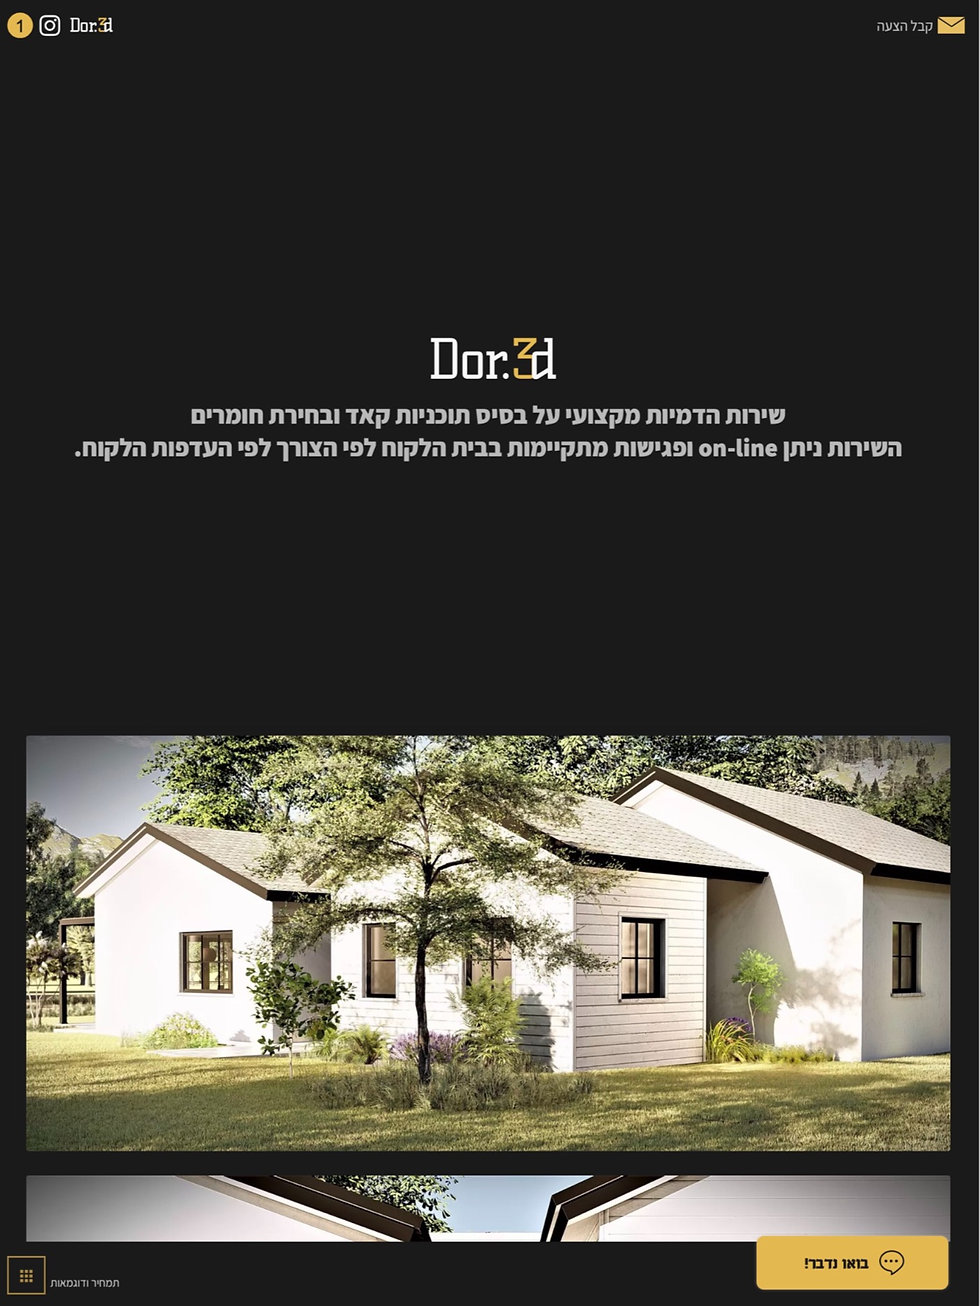 Dor3d.com